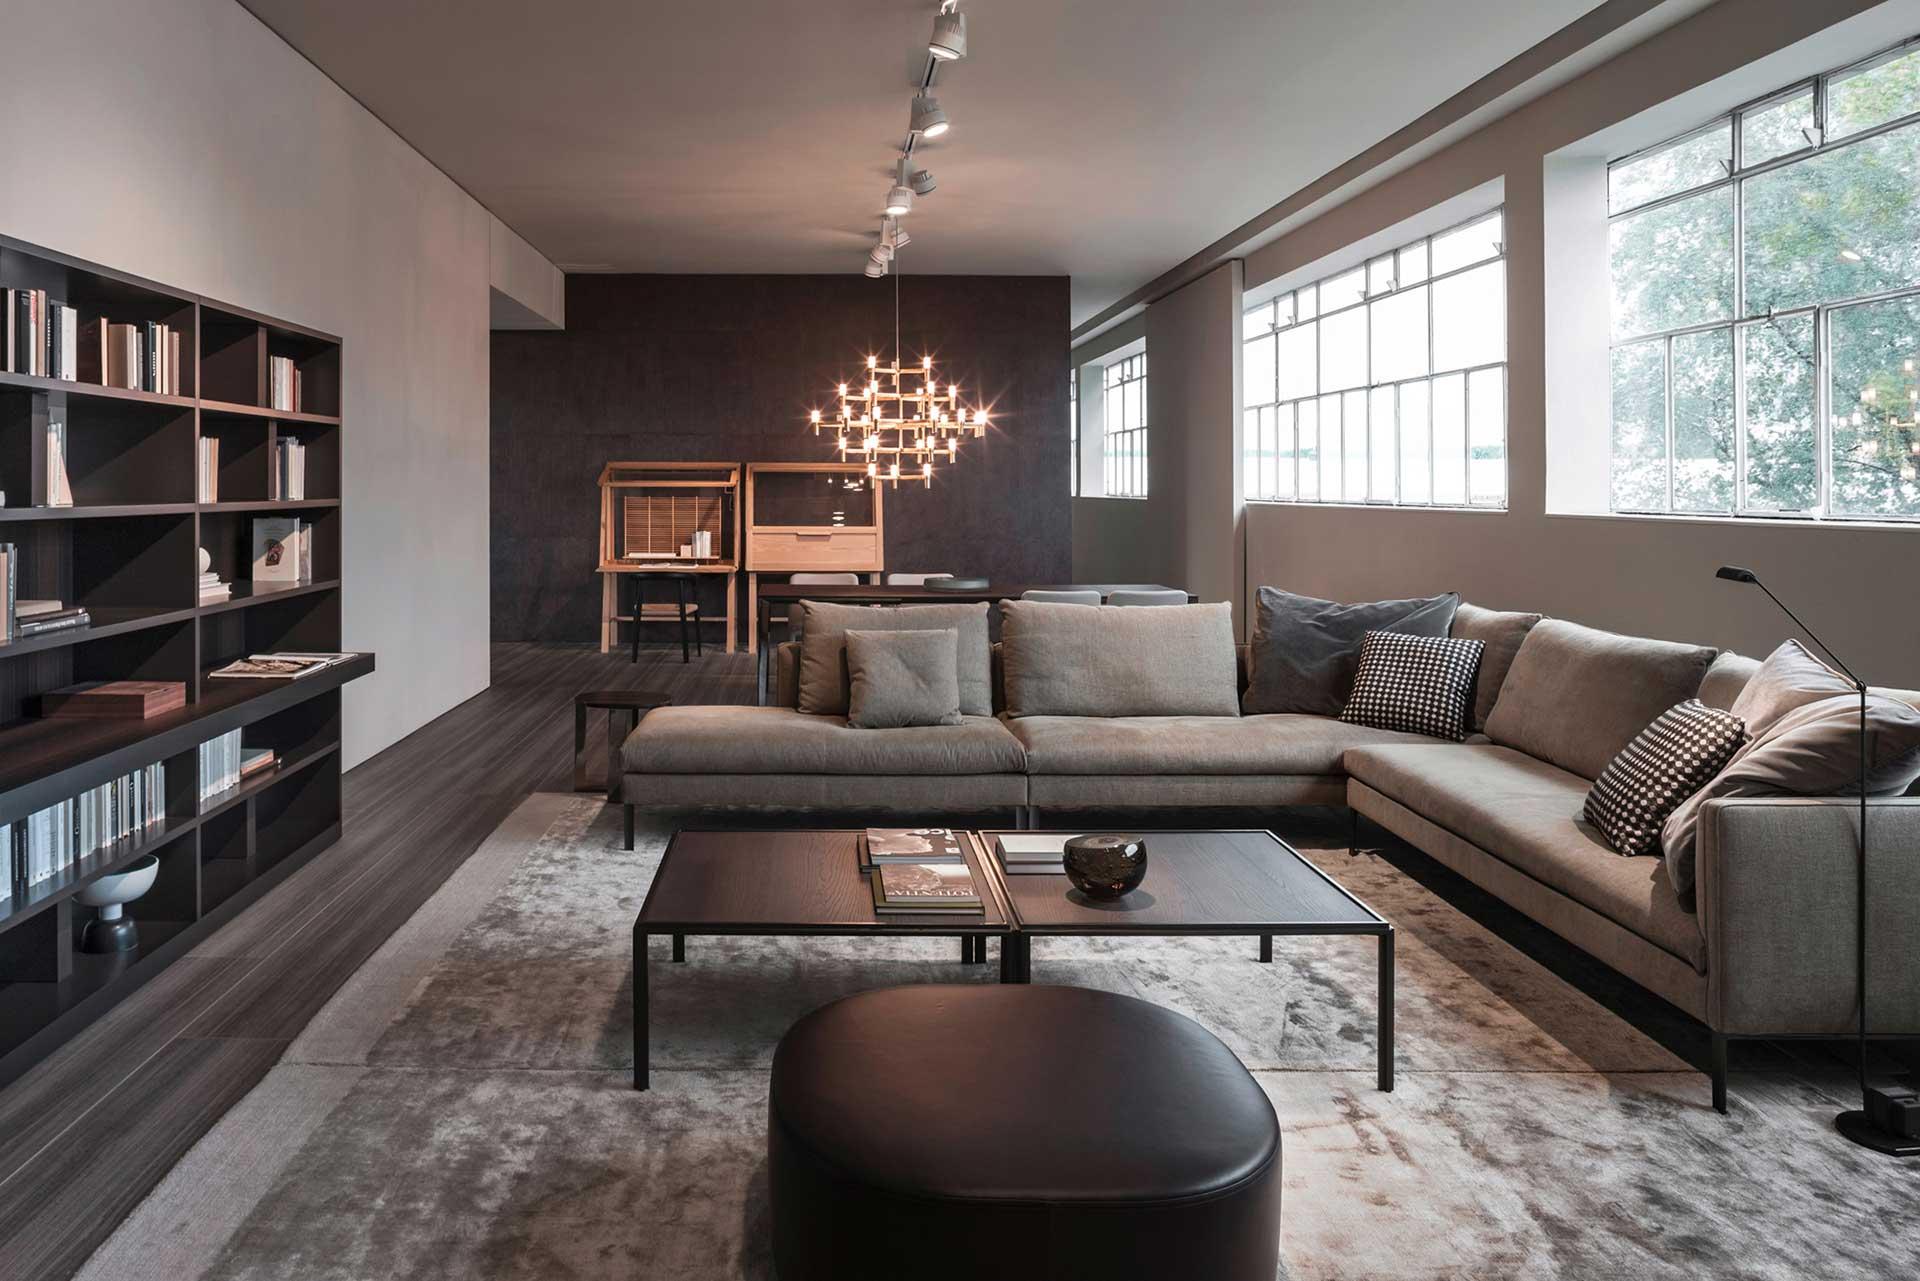 Negozi Arredamento Altamura.Arredamento Moderno Carlucci Home Project Altamura